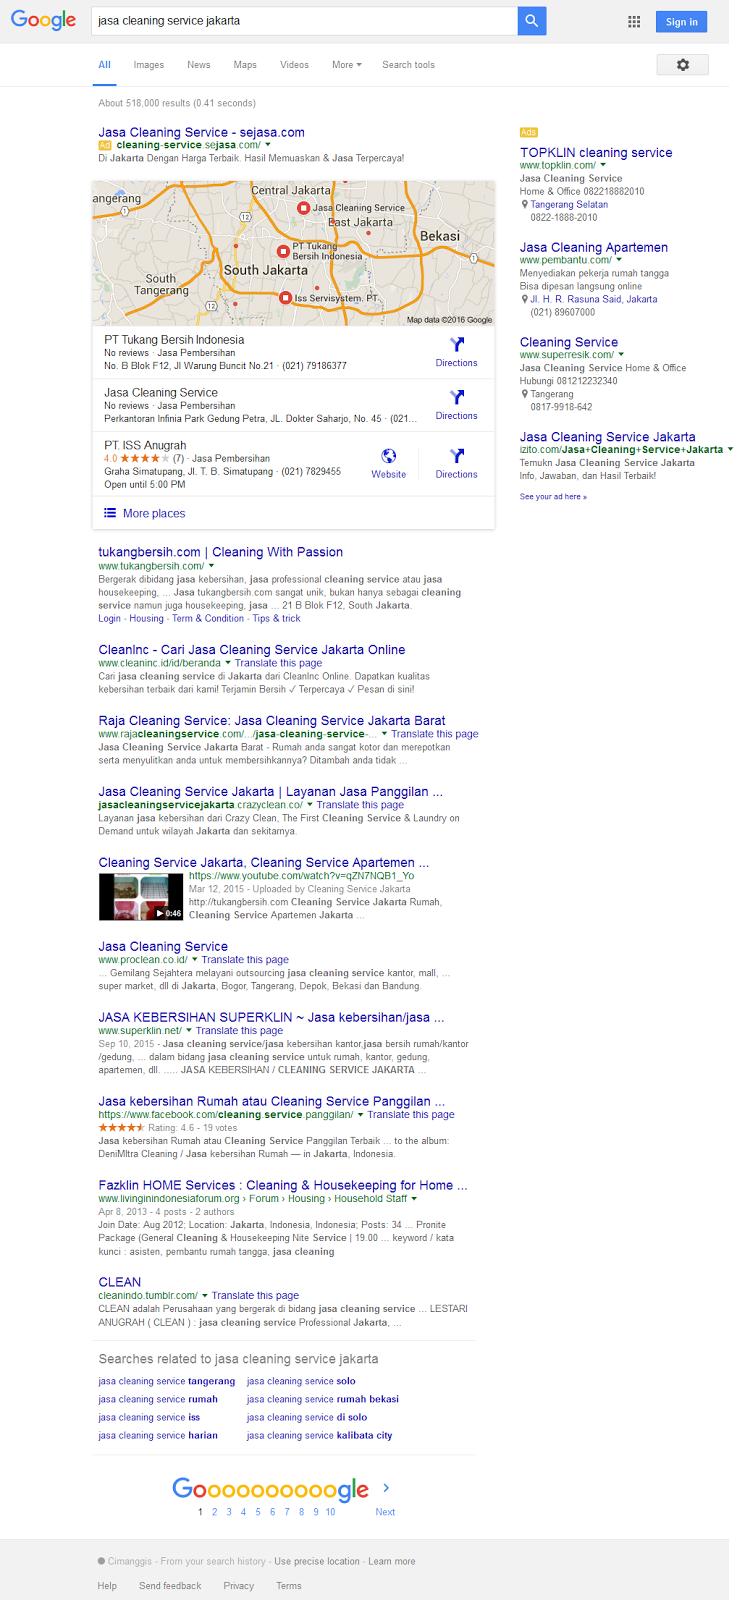 https://www.google.co.id/search?sclient=psy-ab&biw=1024&bih=643&noj=1&q=jasa+cleaning+service+jakarta&oq=jasa+cleaning+service+jakarta&gs_l=serp.3..0l3j0i22i30l7.4856.5990.1.6272.8.7.0.0.0.0.263.610.0j2j1.3.0....0...1c.1.64.serp..5.3.608.BimKUc9rH28